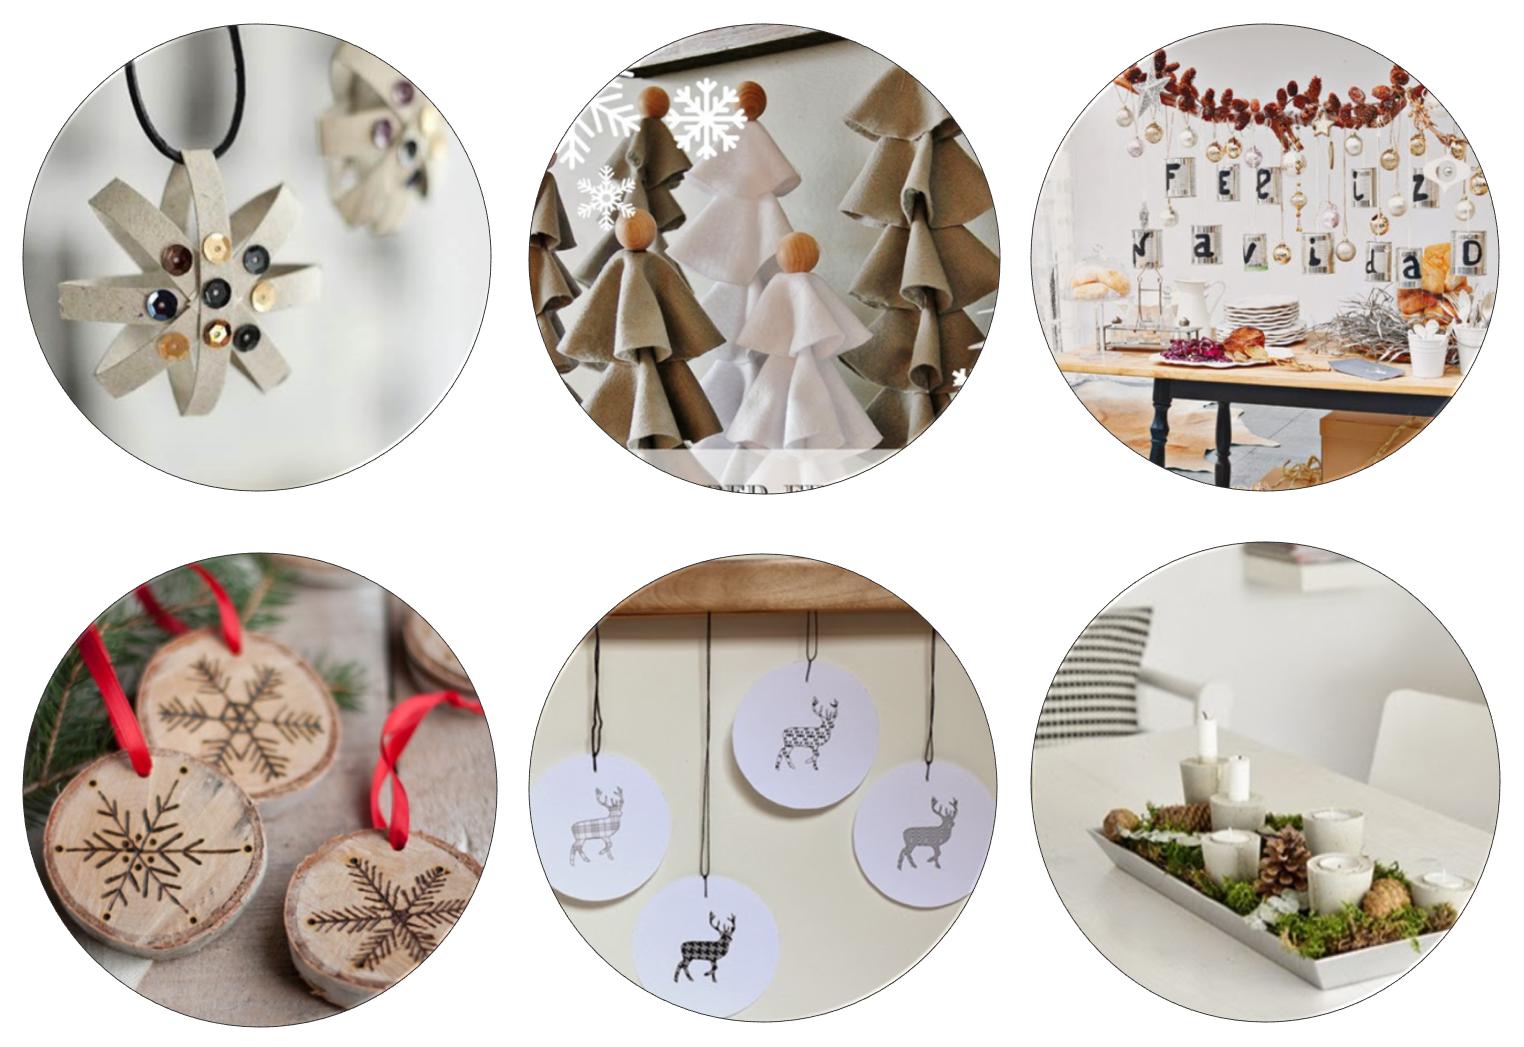 Decoraci n f cil ideas y tutoriales para decorar en navidad - Decoracion de navidad 2014 ...